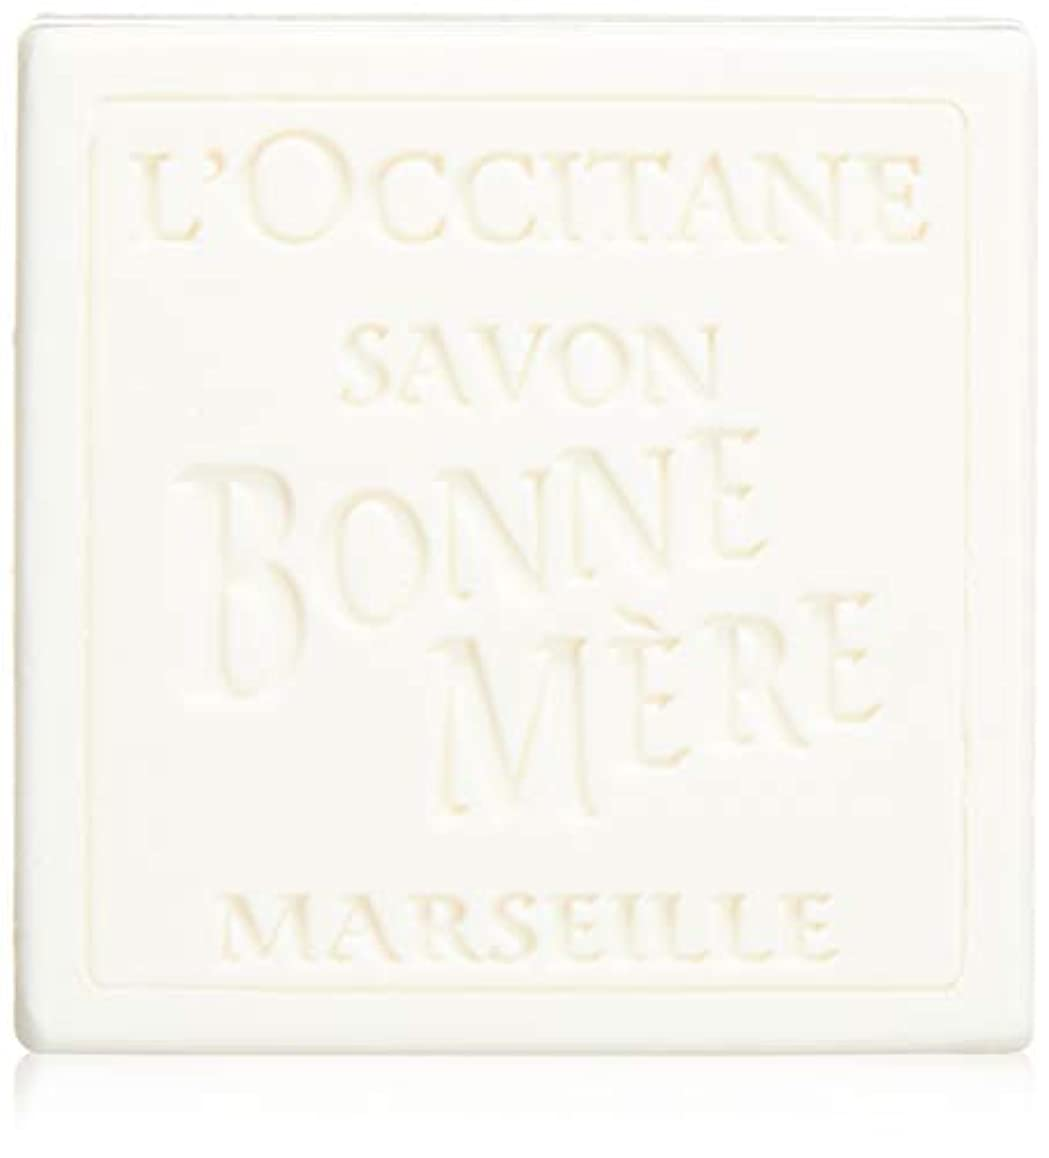 乏しい貝殻金曜日ロクシタン(L'OCCITANE) ボンメールソープ ミルク 100g